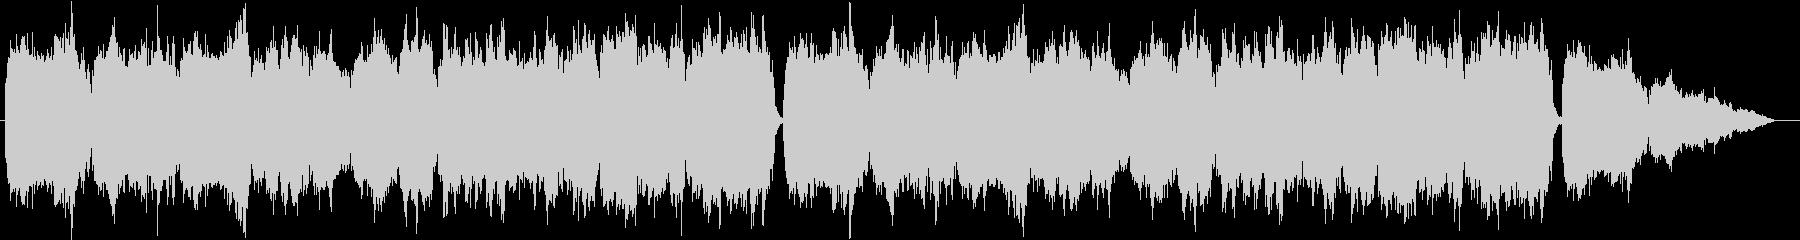 ダブルリードとストリングス主体の悲しい曲の未再生の波形